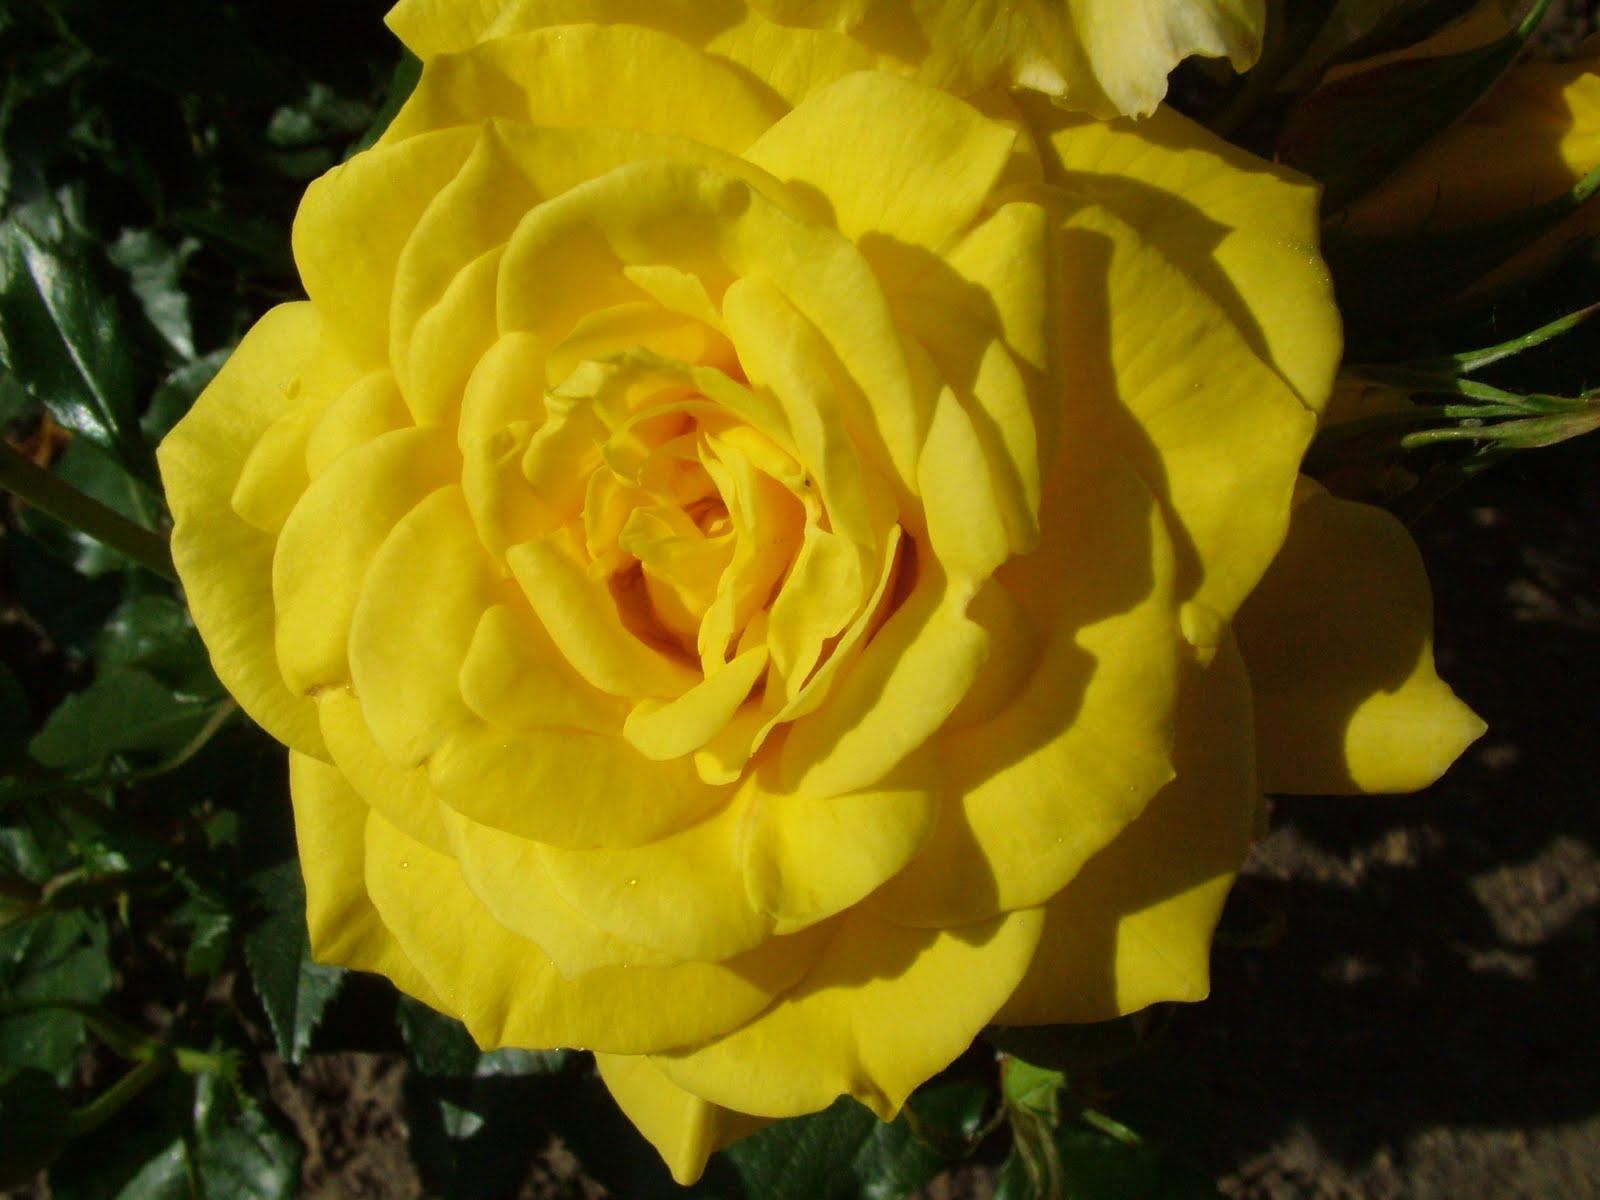 Flower photos august 2011 - Big rose flower wallpaper ...